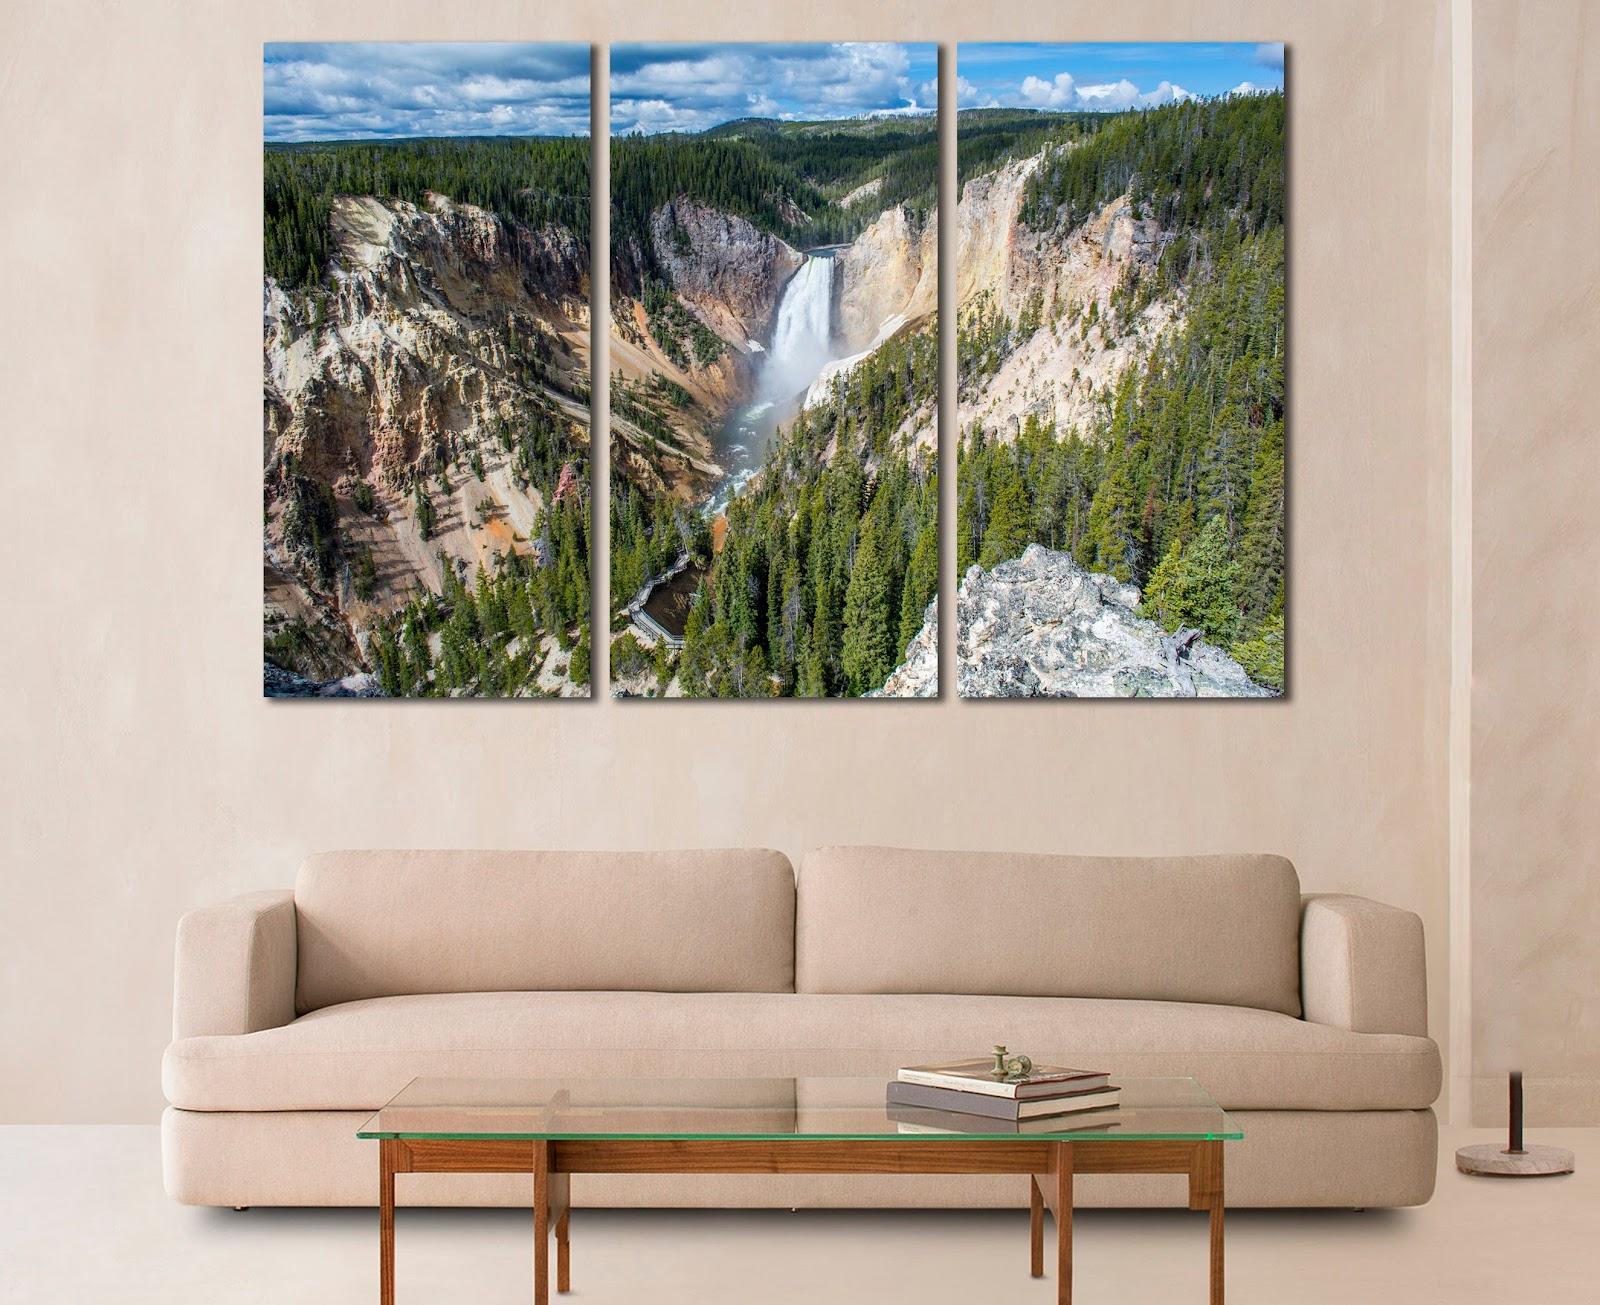 Tranh treo tường phòng khách cao cấp cho không gian nhà bạn 5